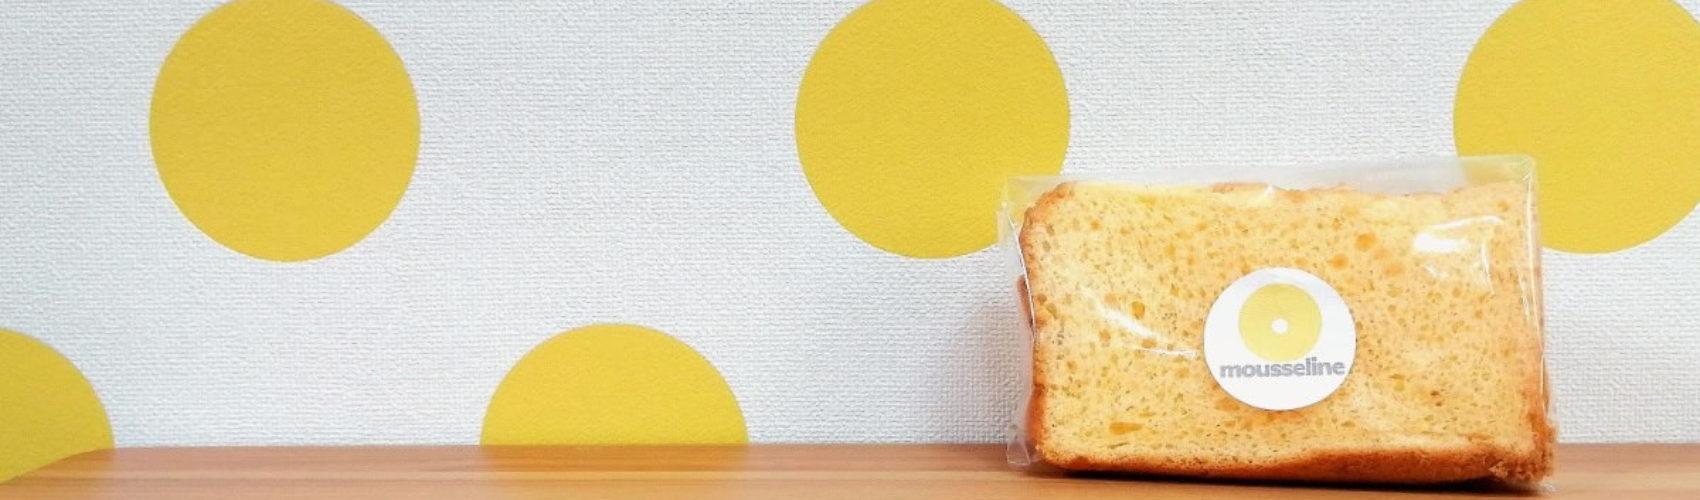 【モスリン公式サイト】中目黒駅3分の、美味しい手作りシフォンケーキ